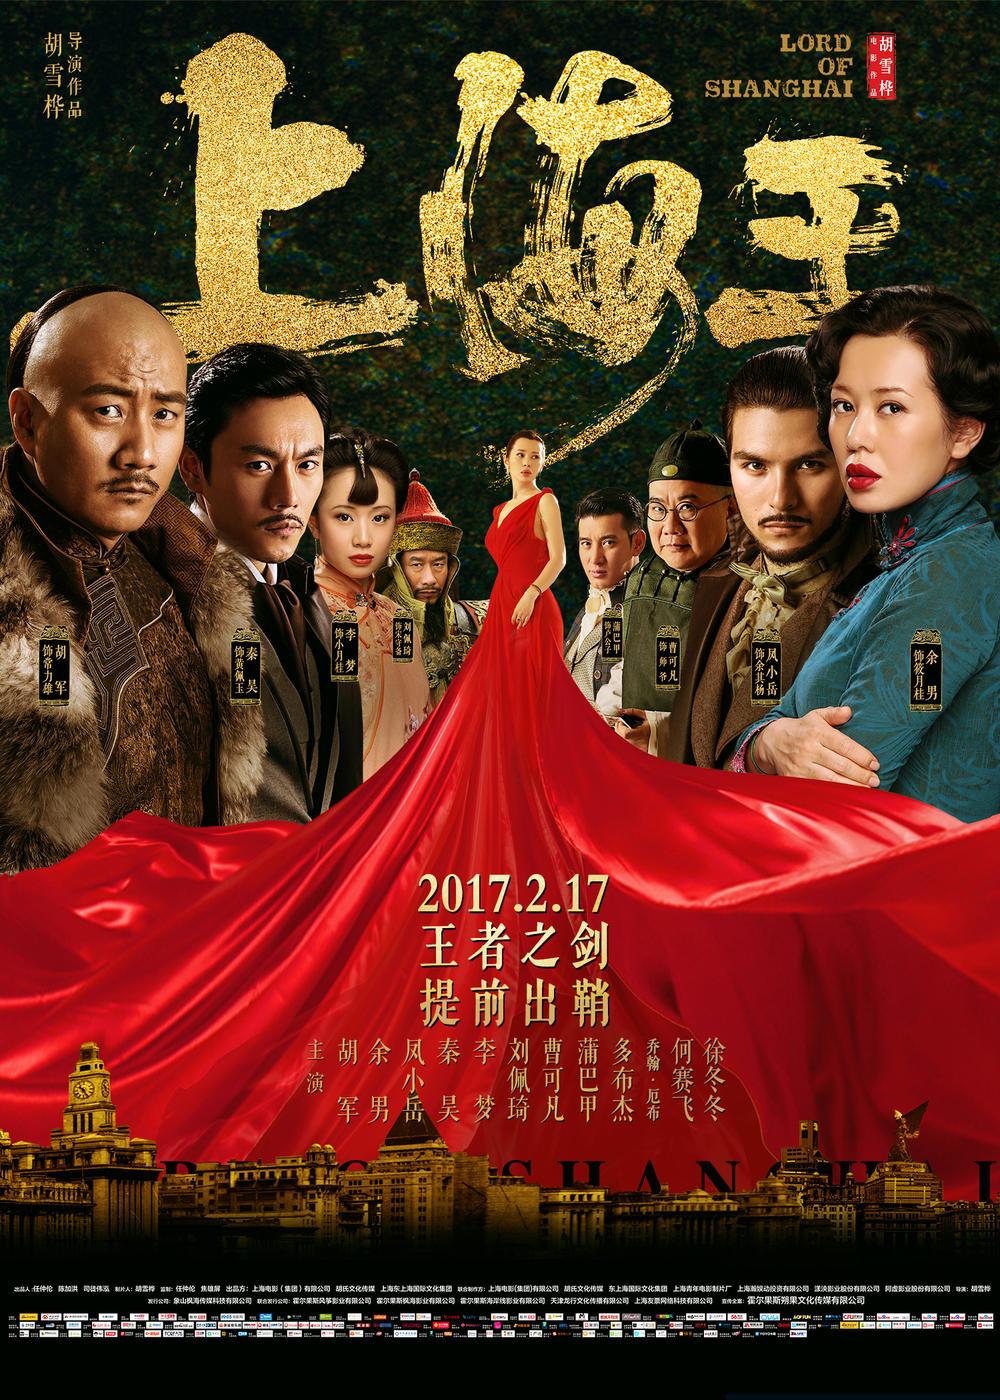 Asian Strike Asian reviews & musings